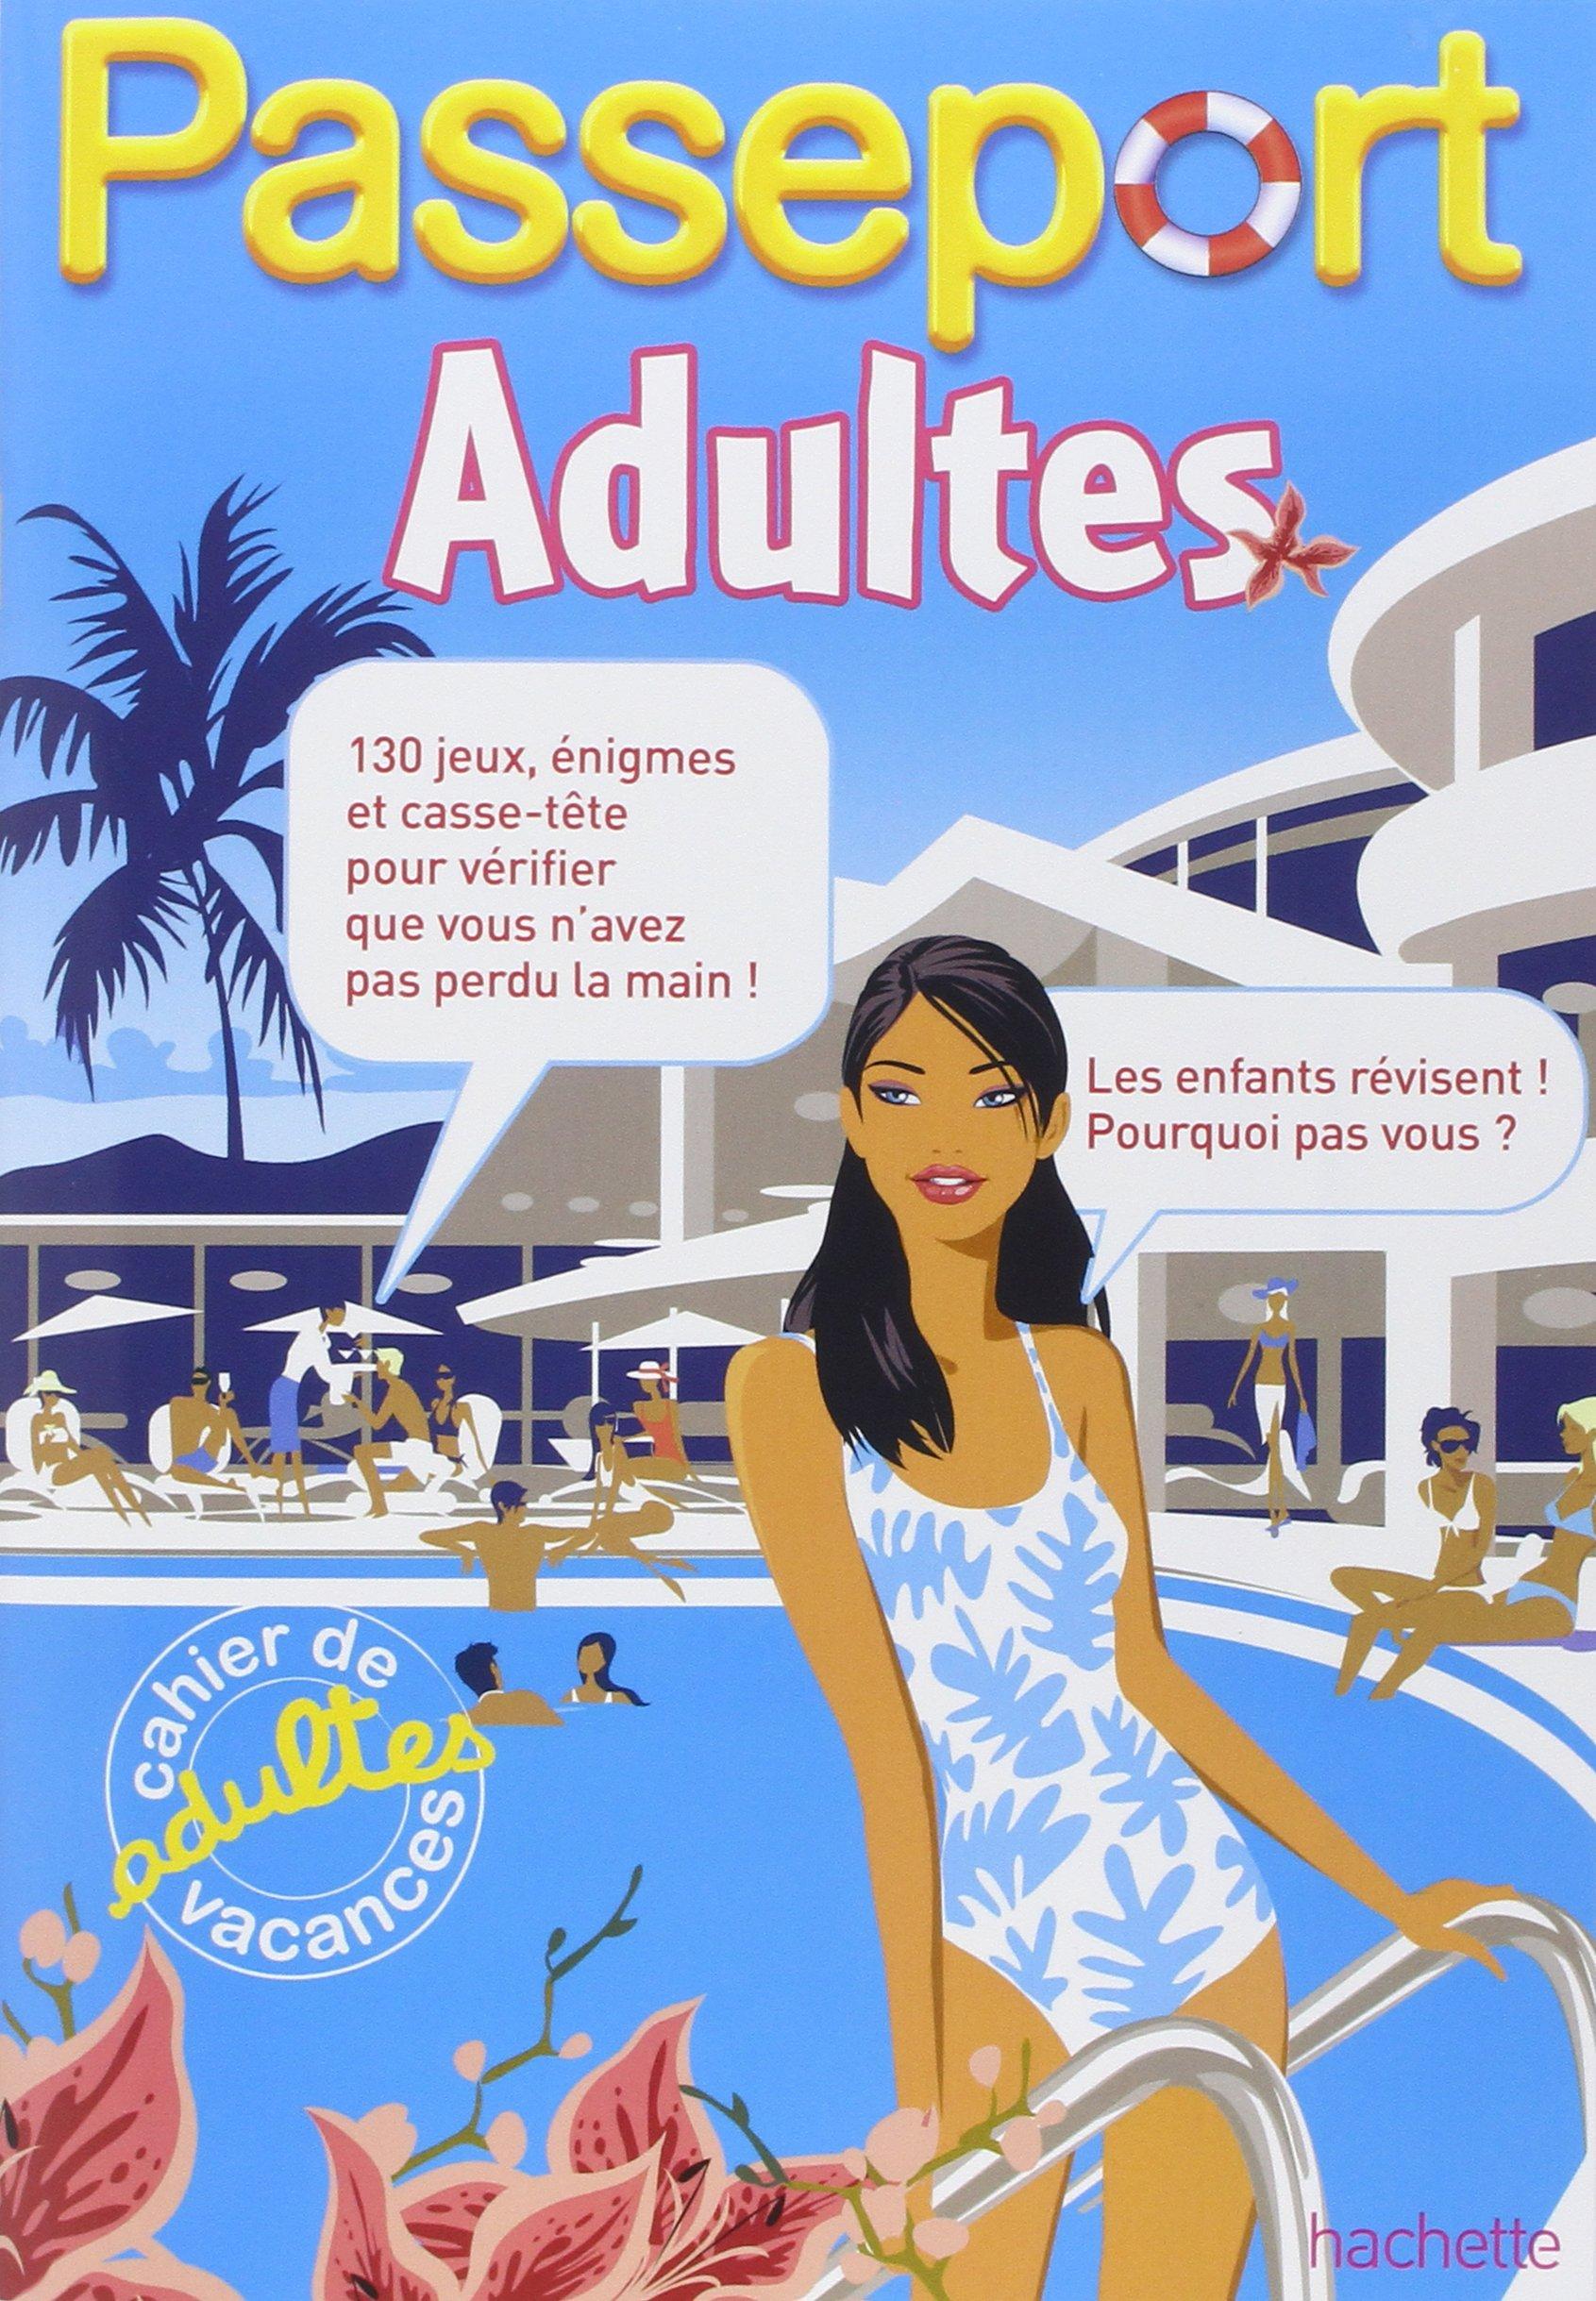 cahier de vacances adultes